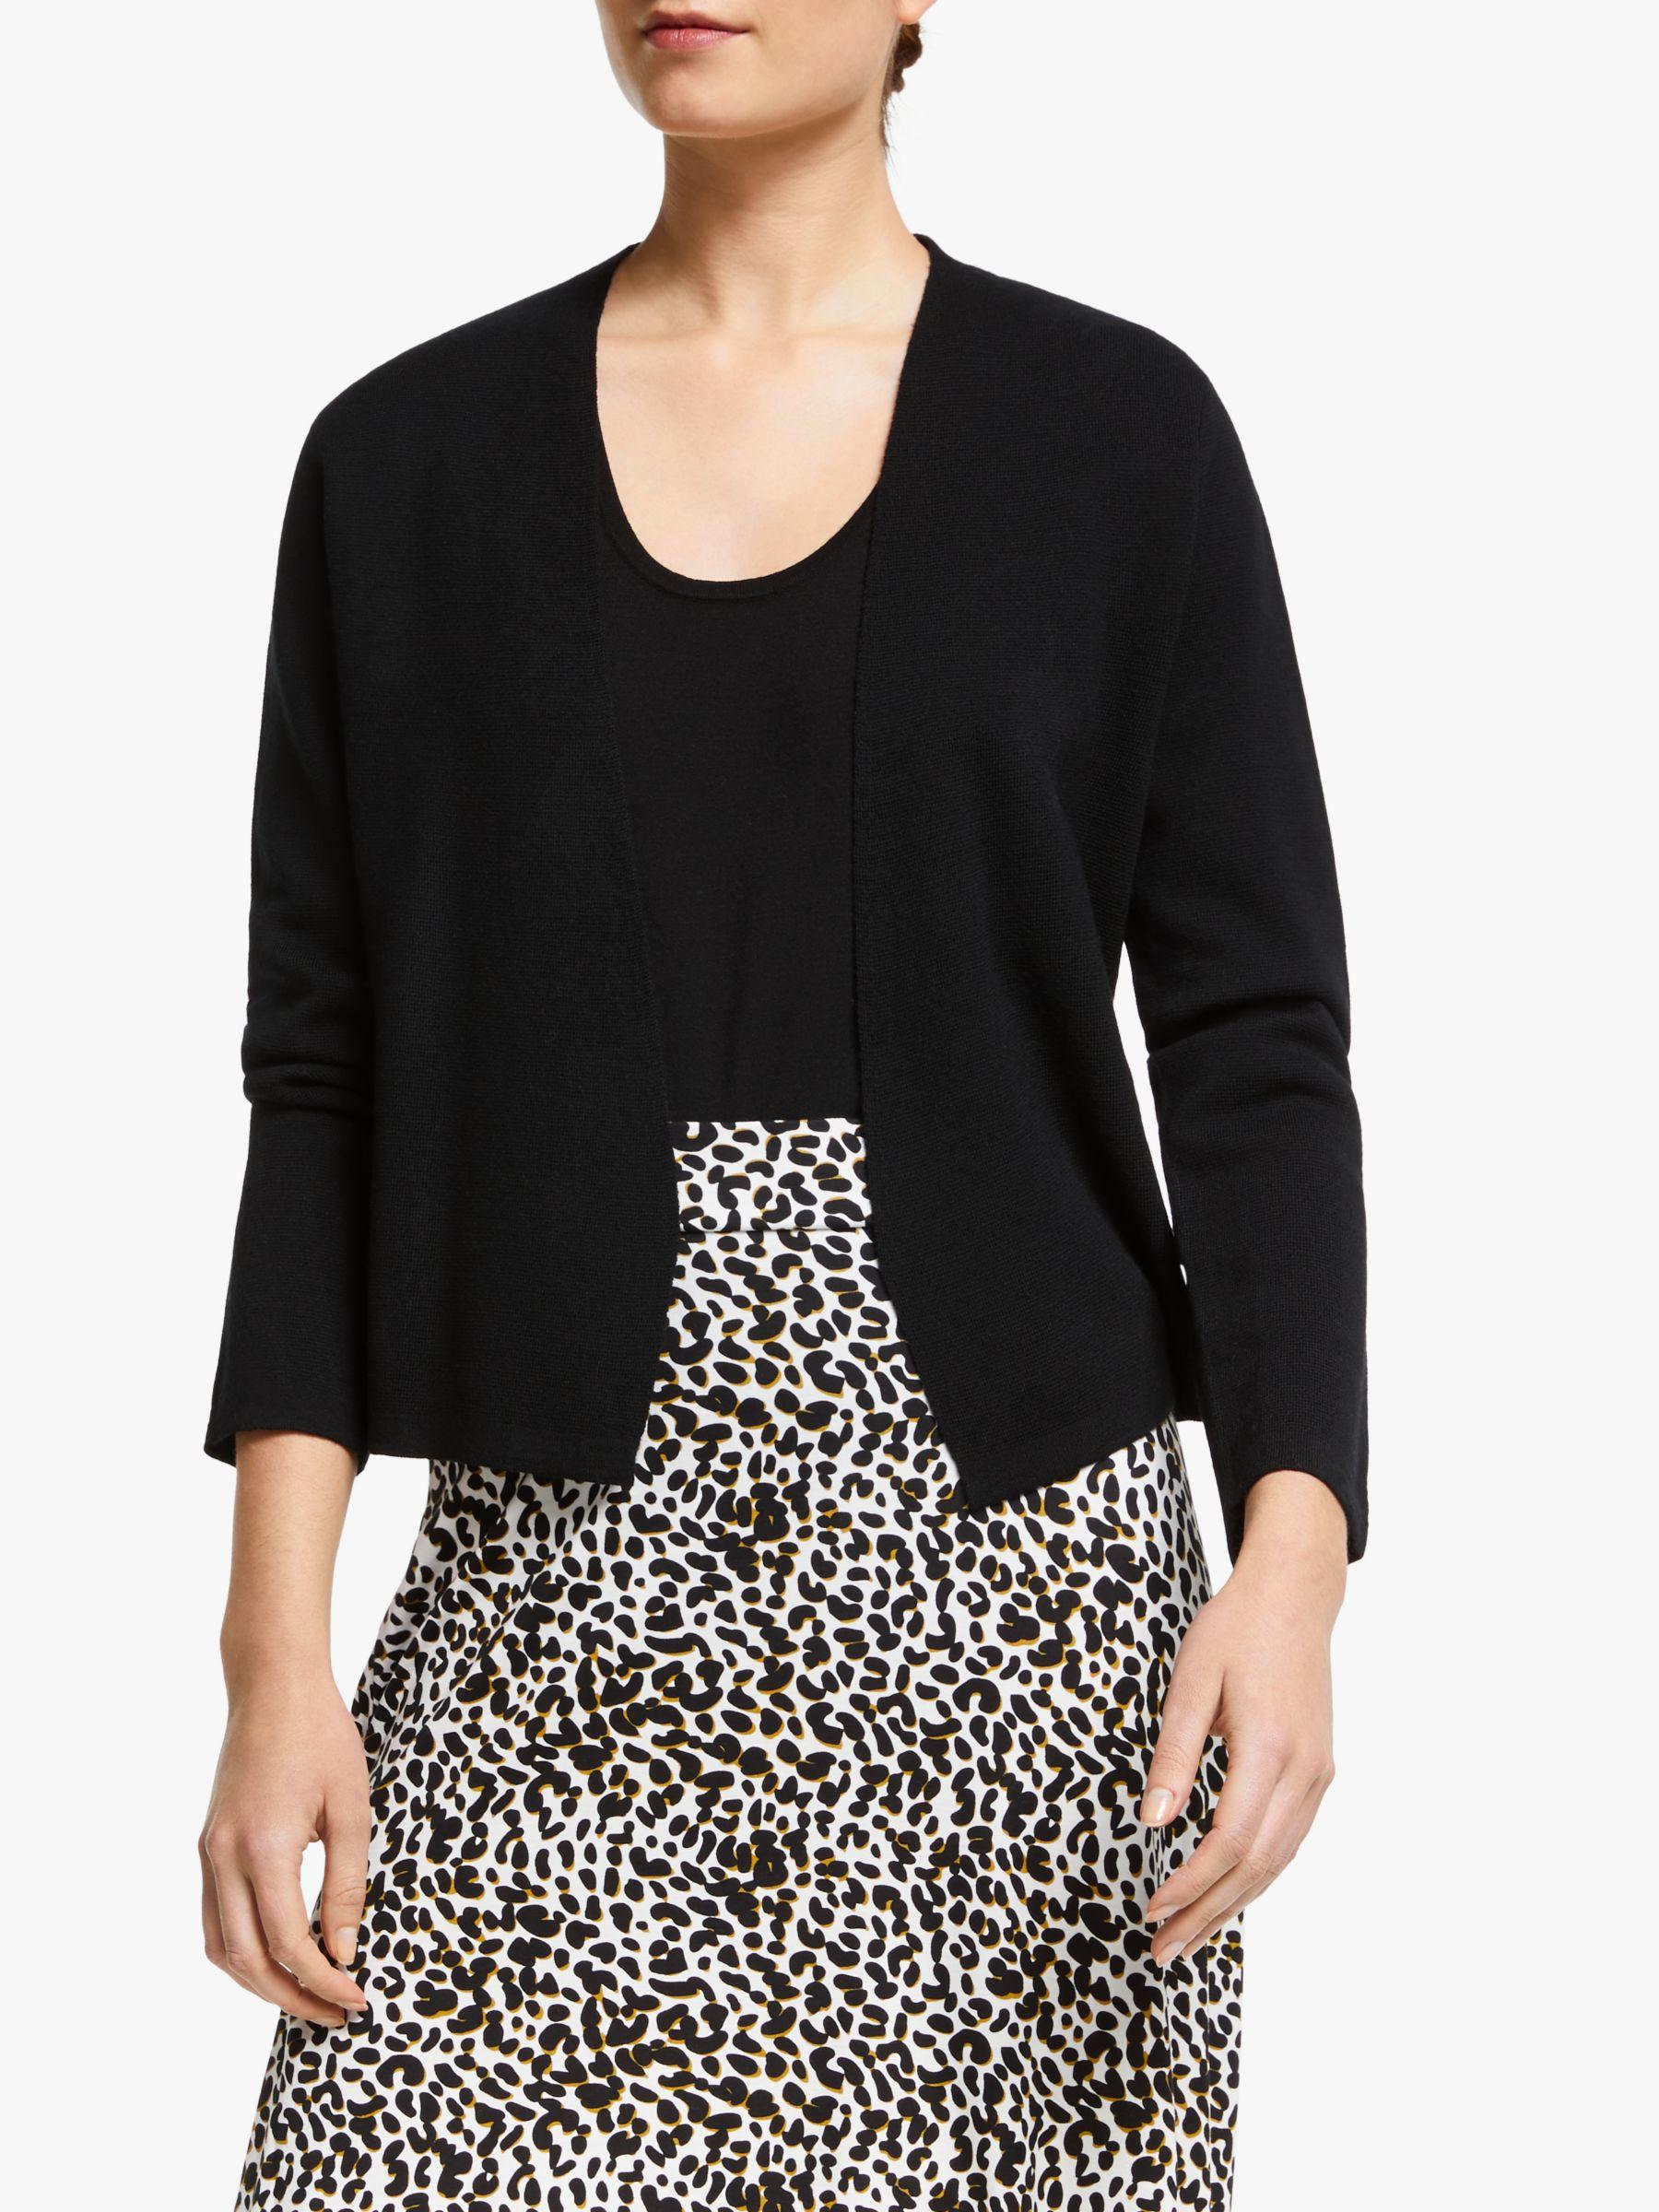 Winser London Winser London Milano Wool Jacket, Black